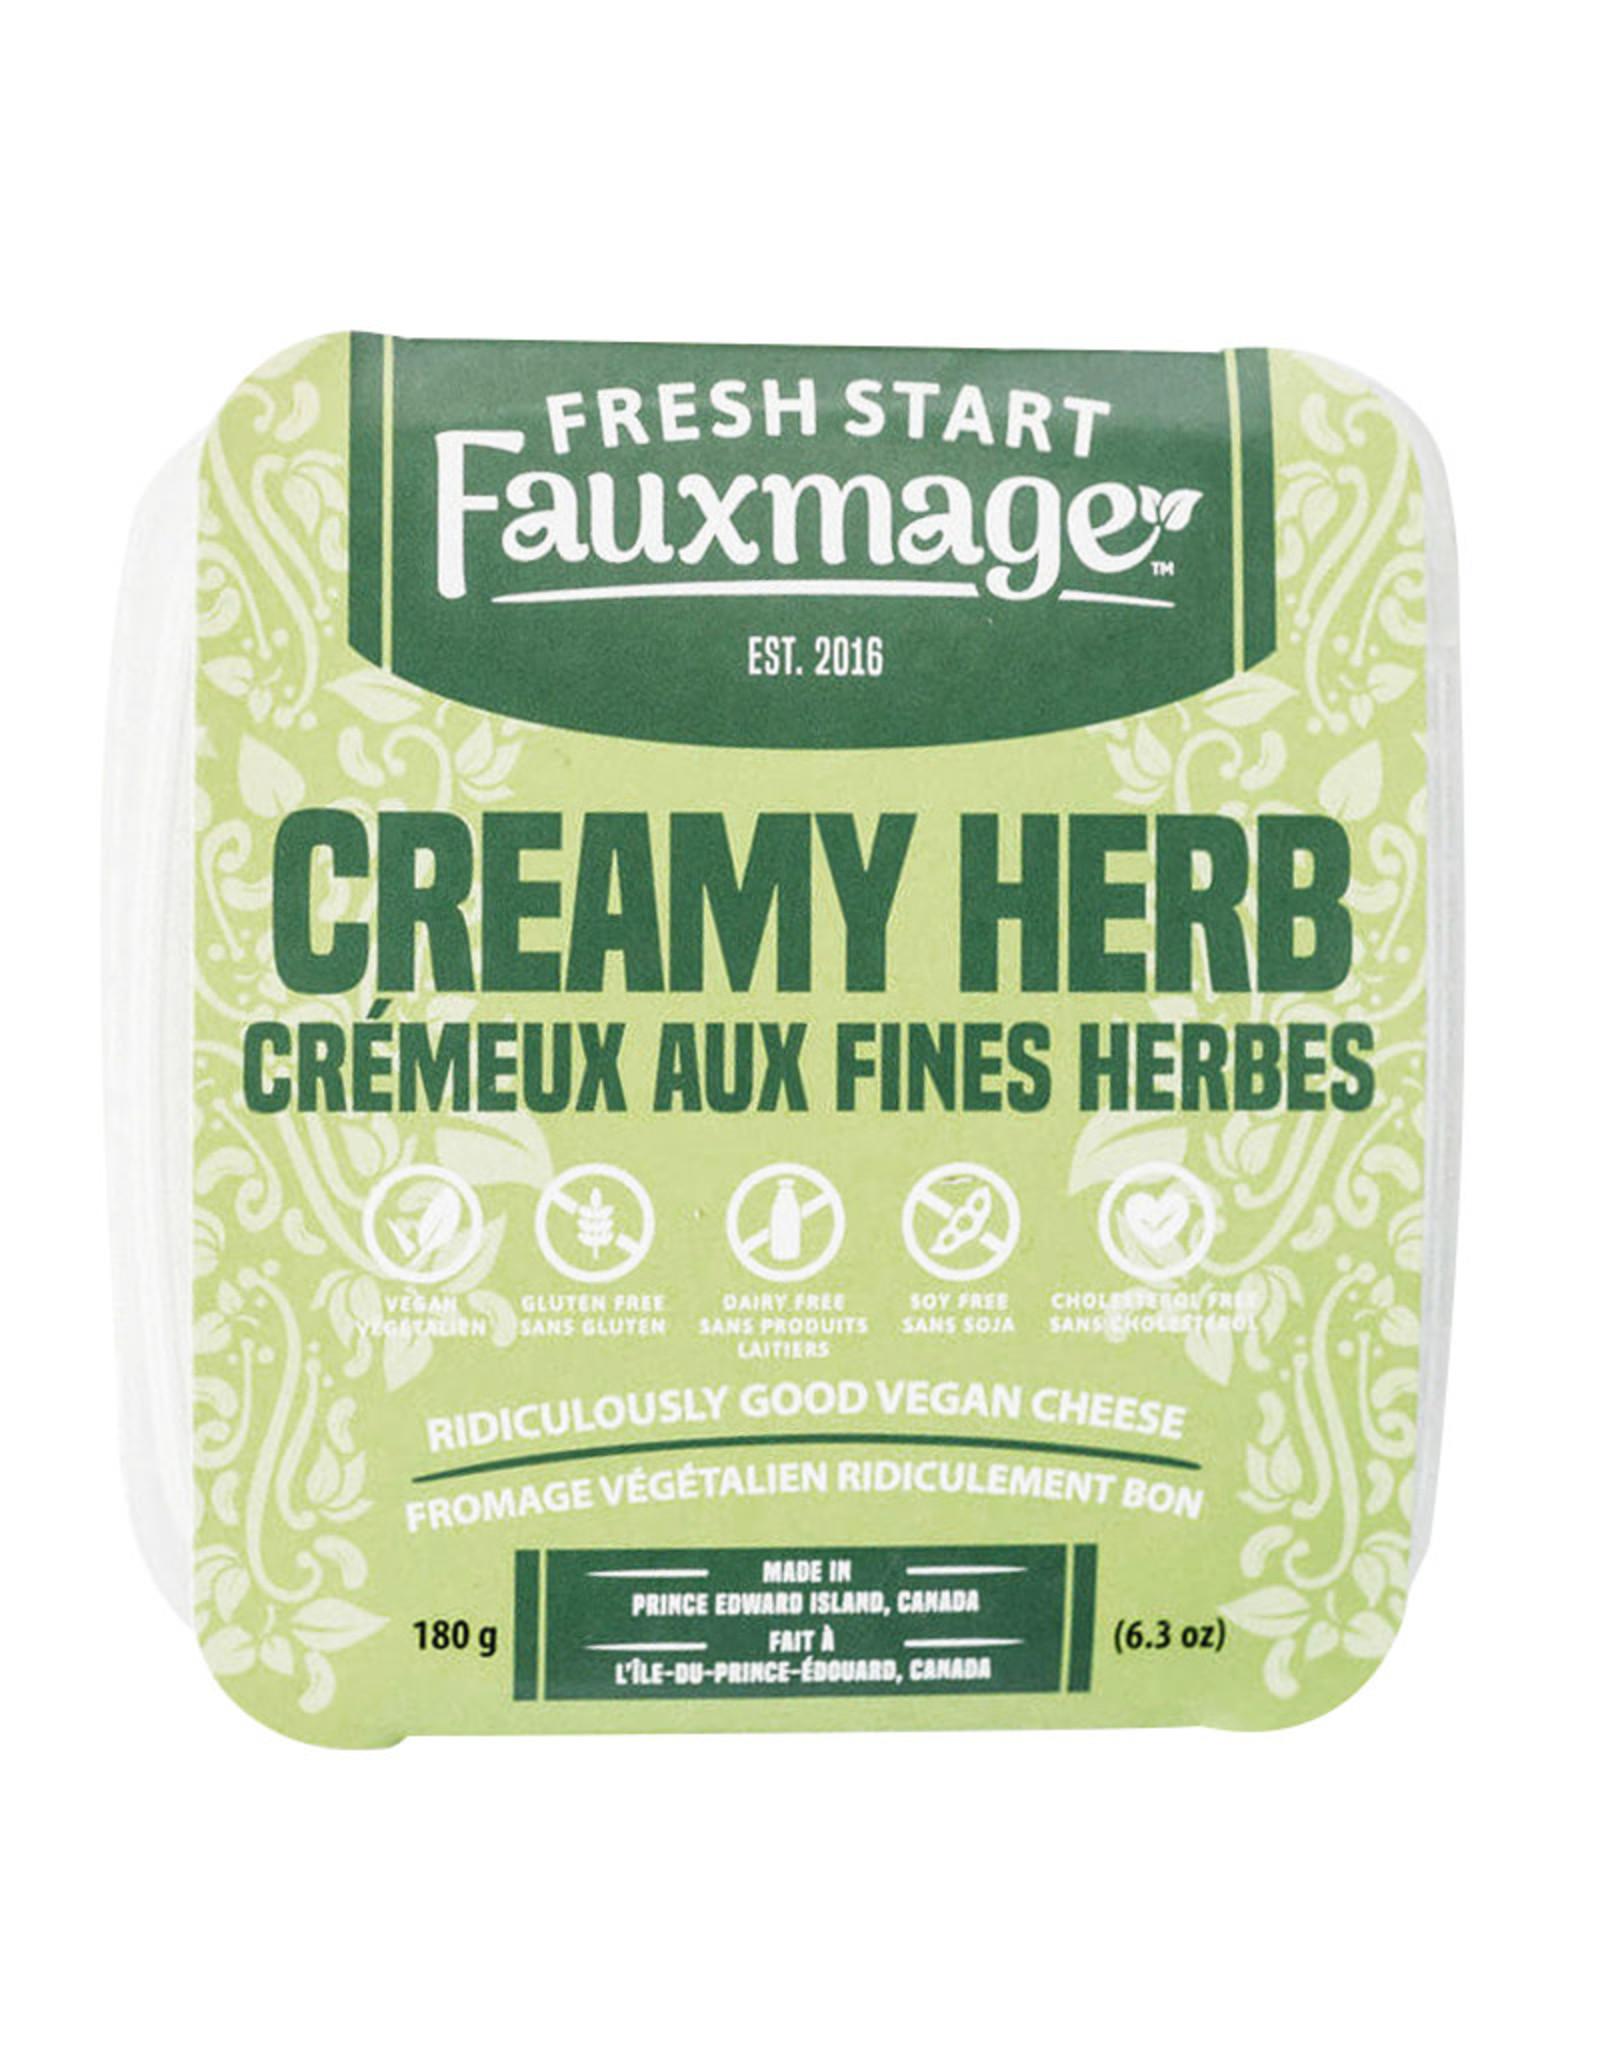 Fresh Start Fauxmage Fresh Start Fauxmage - Creamy Herb (180g)